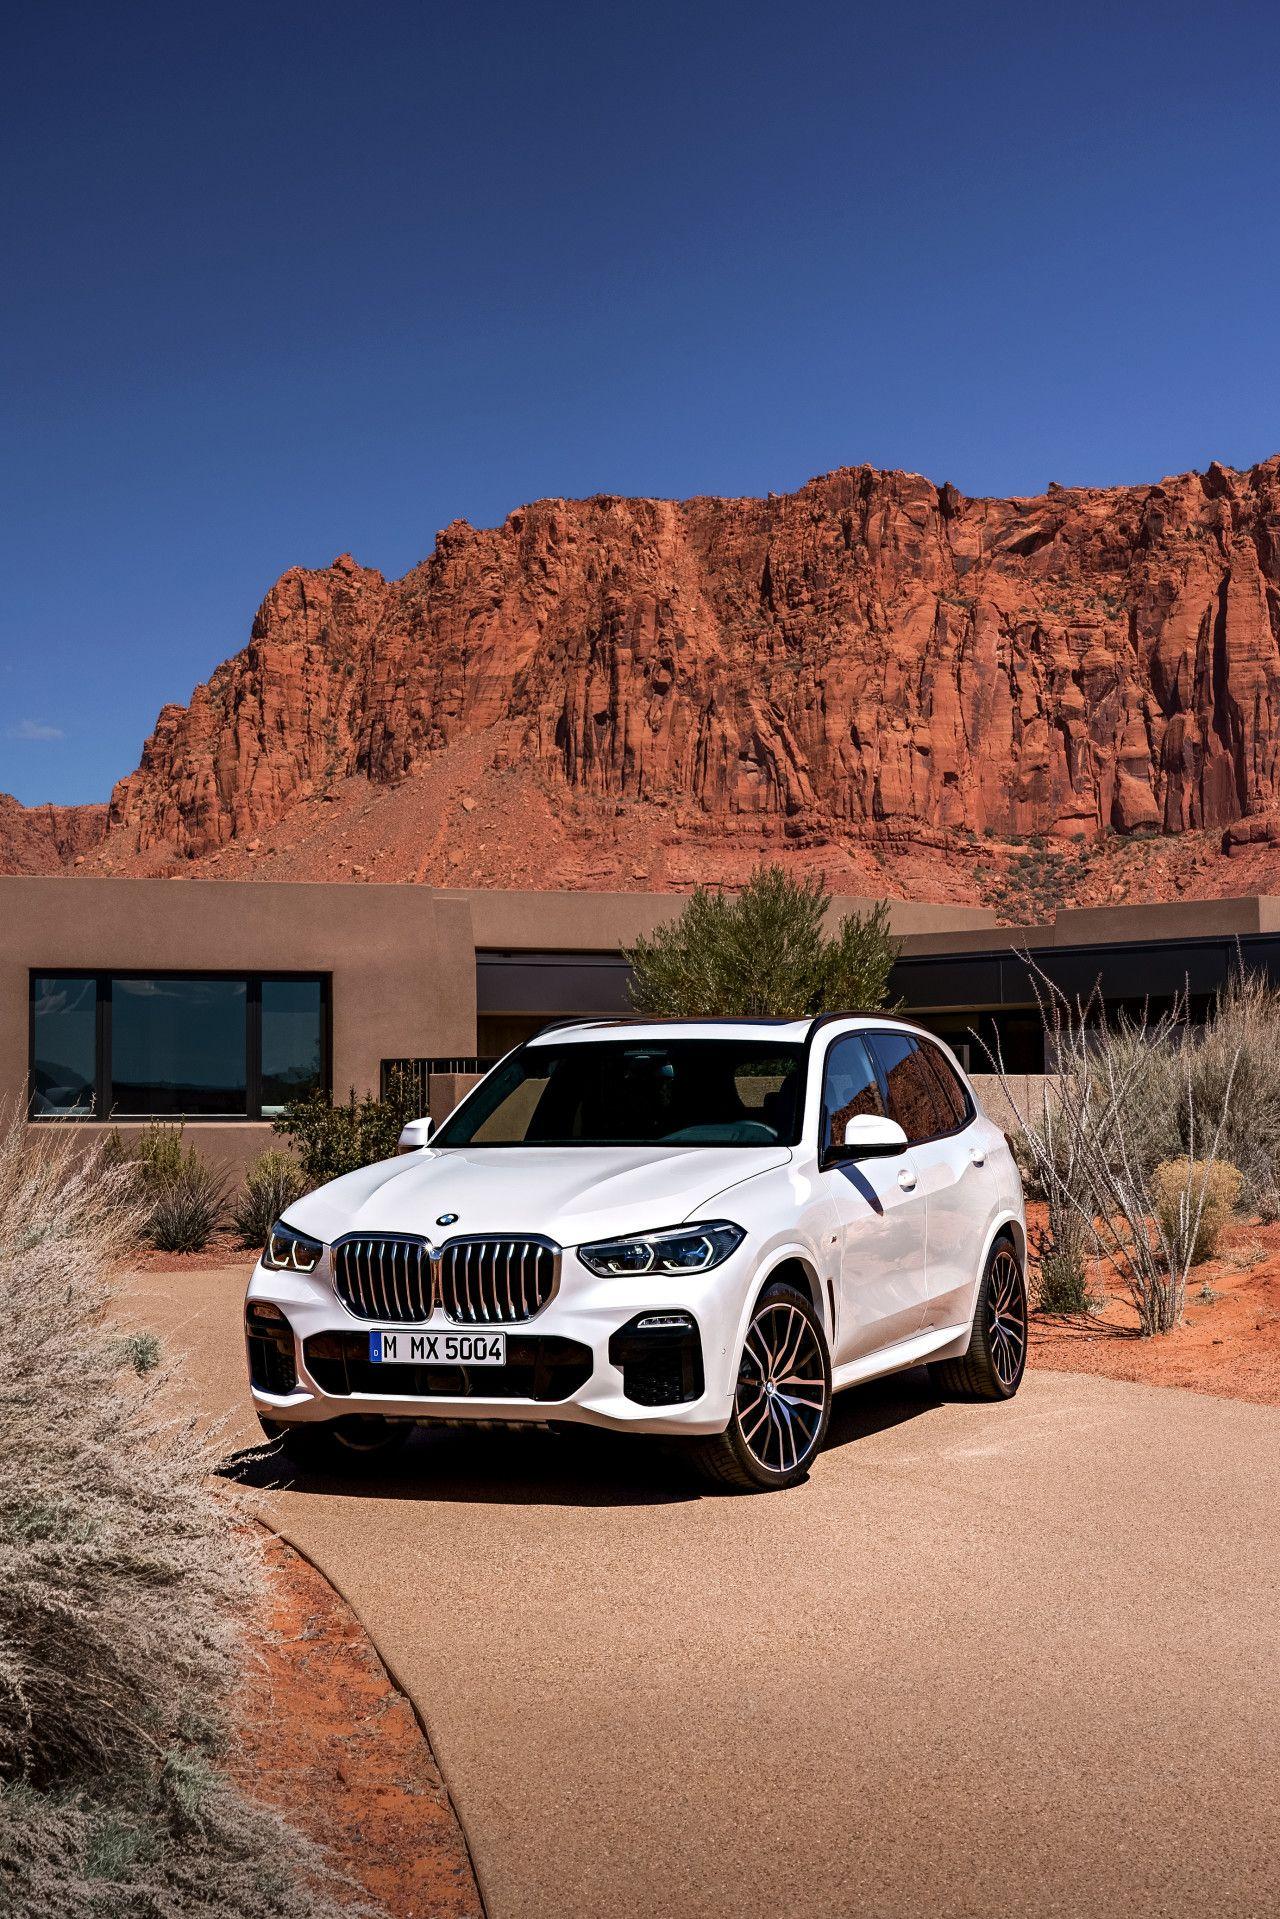 BMW X5 | Бмв x3, Роскошный автомобиль, Автомобиль